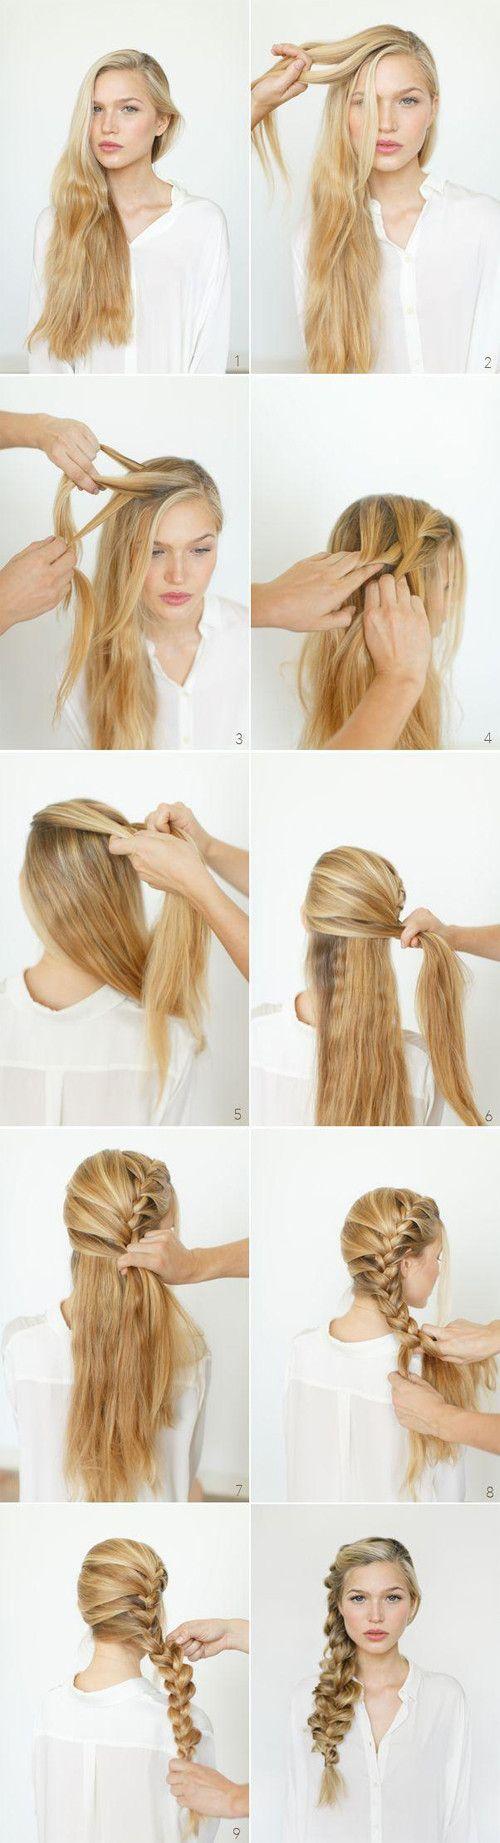 how to do braid